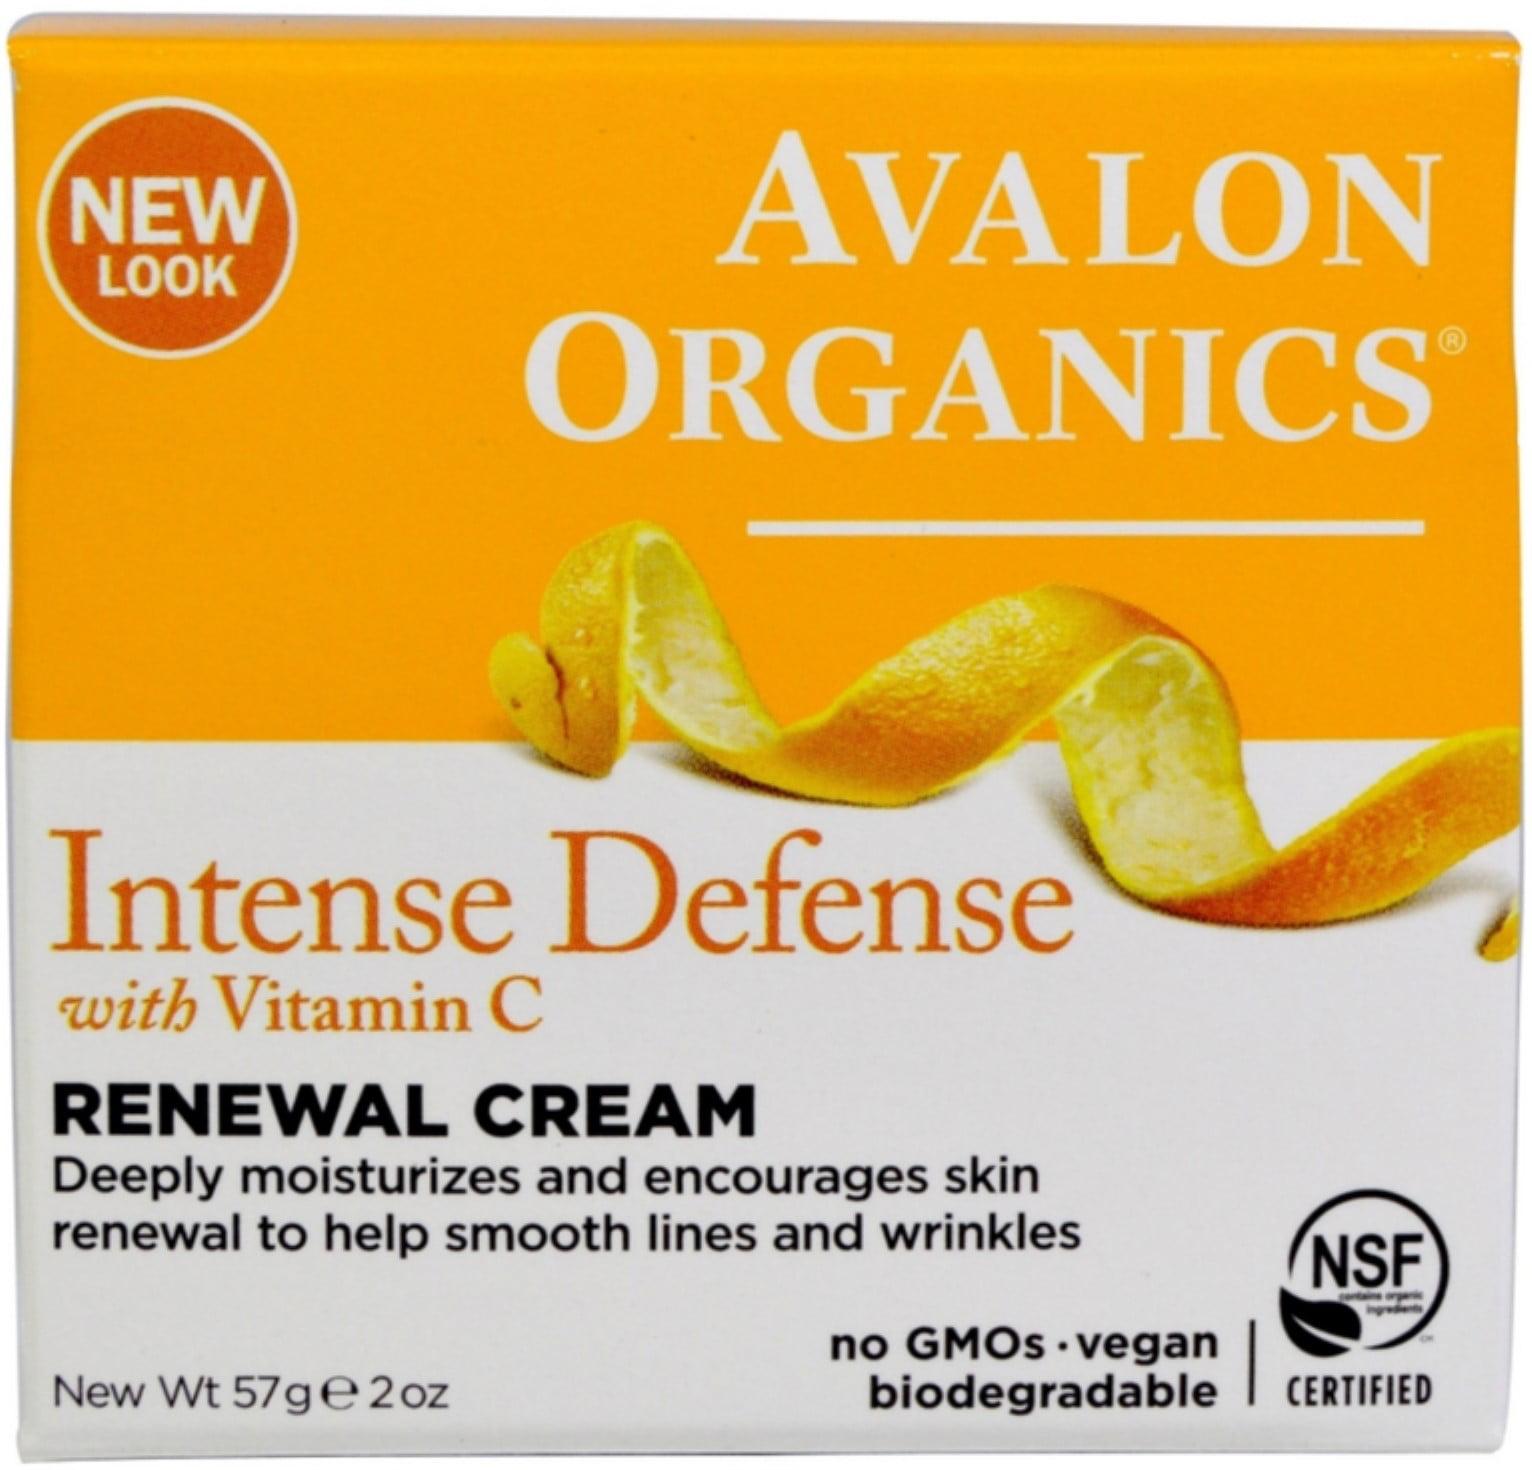 Avalon Organic 6 Pack - Avalon Organics Vitamin C Renewal...